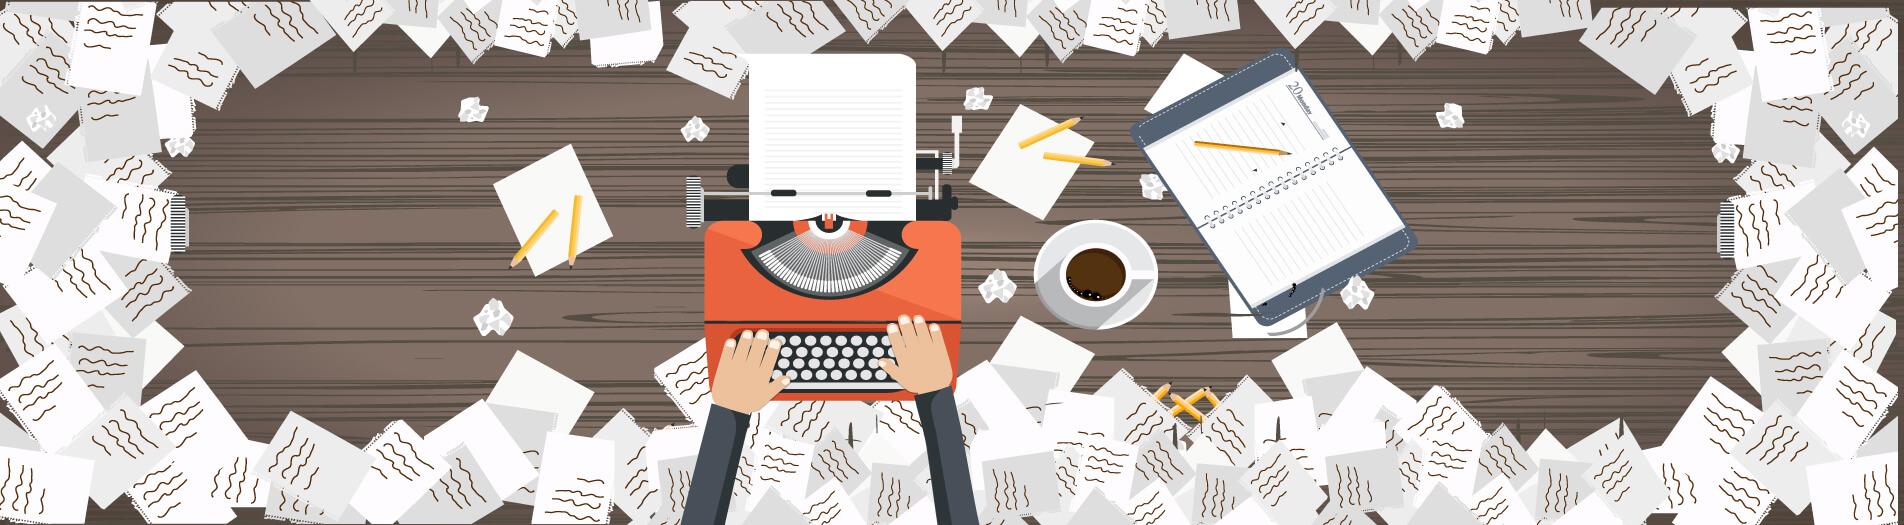 سه روش برای تقویت سریع مهارت نوشتن در دانشآموزان